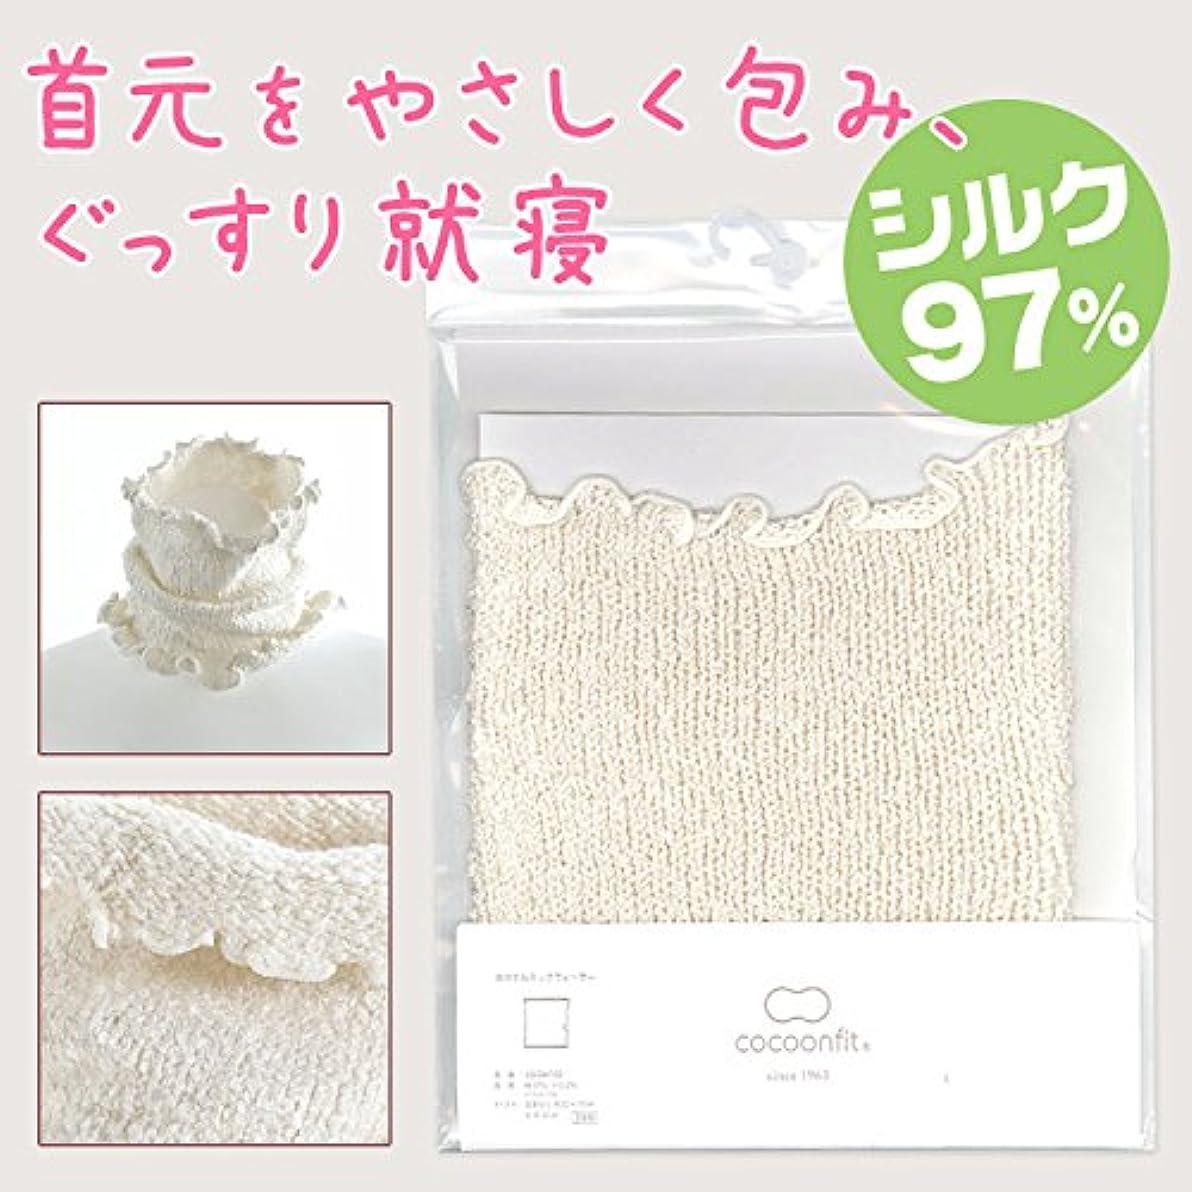 乱雑なペナルティミニチュア天然シルク ネックウォーマー (絹、絹製品、マフラー)(0847)